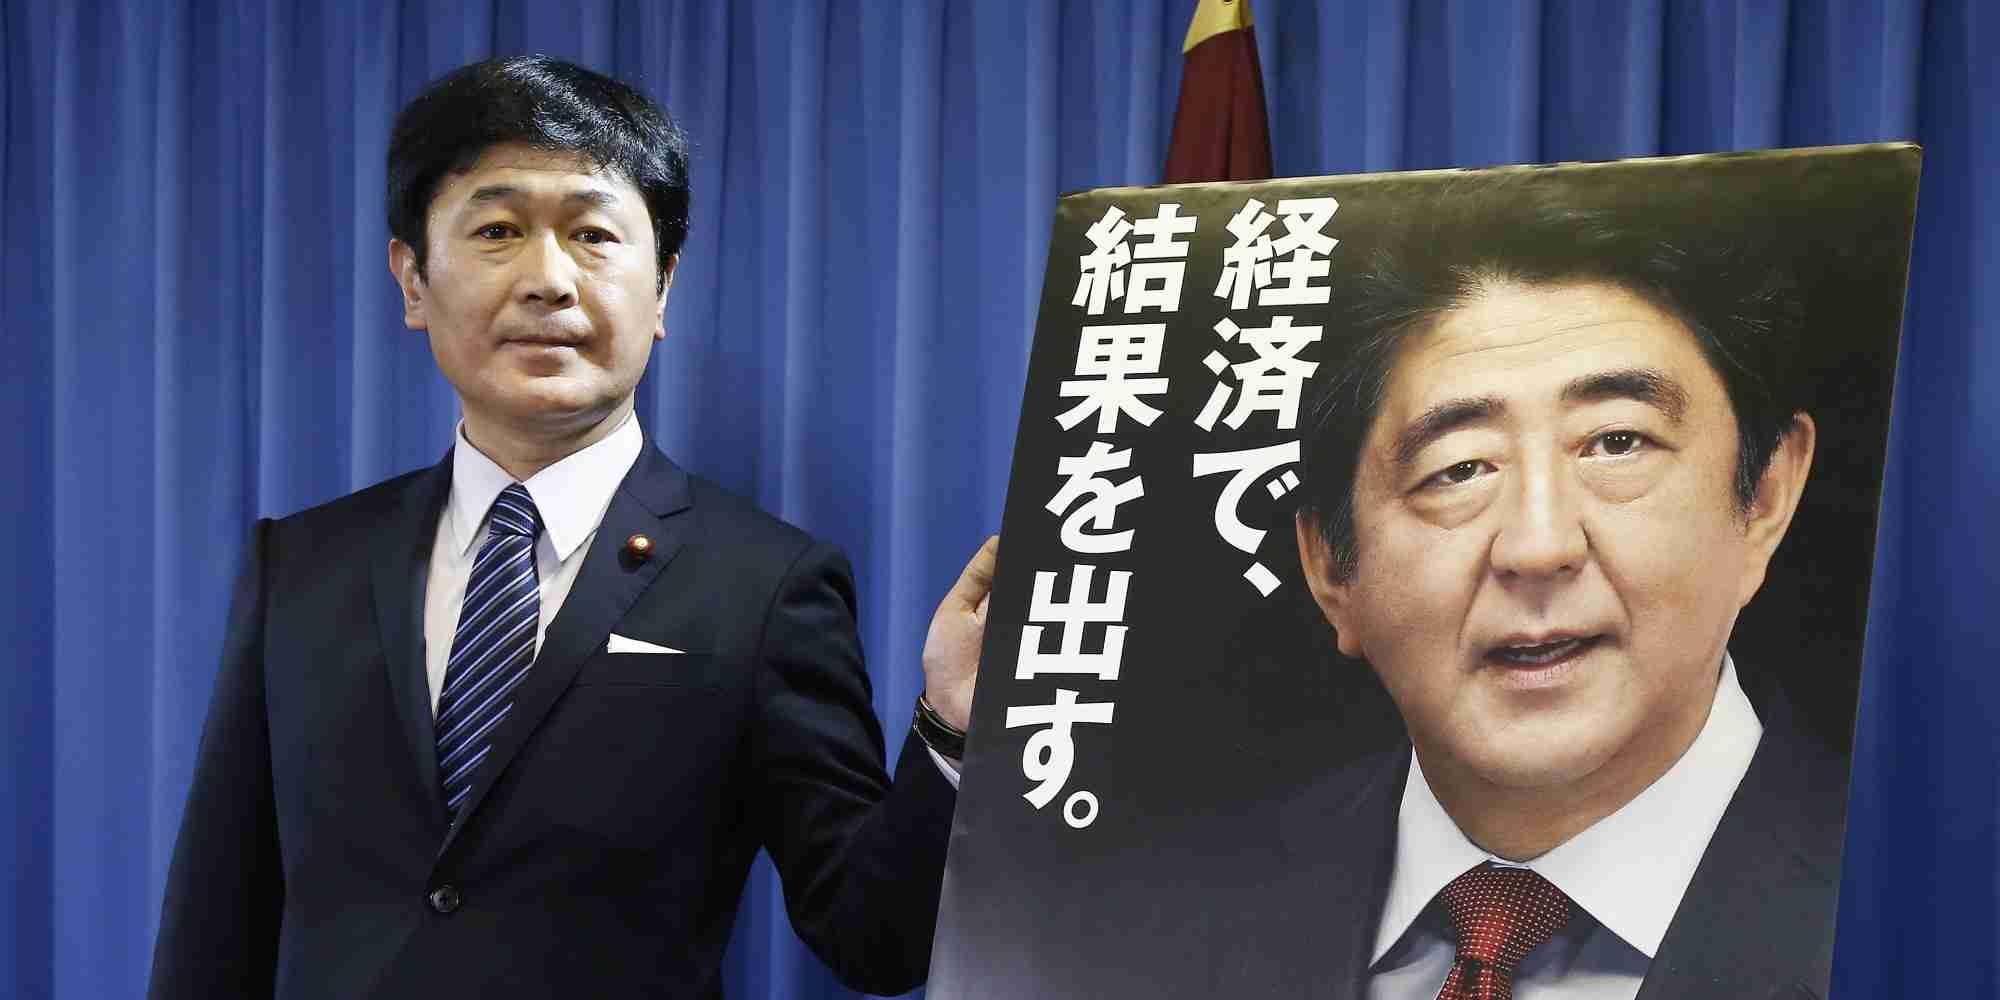 木村太郎氏、すい臓がんで死去 自民党の衆院議員